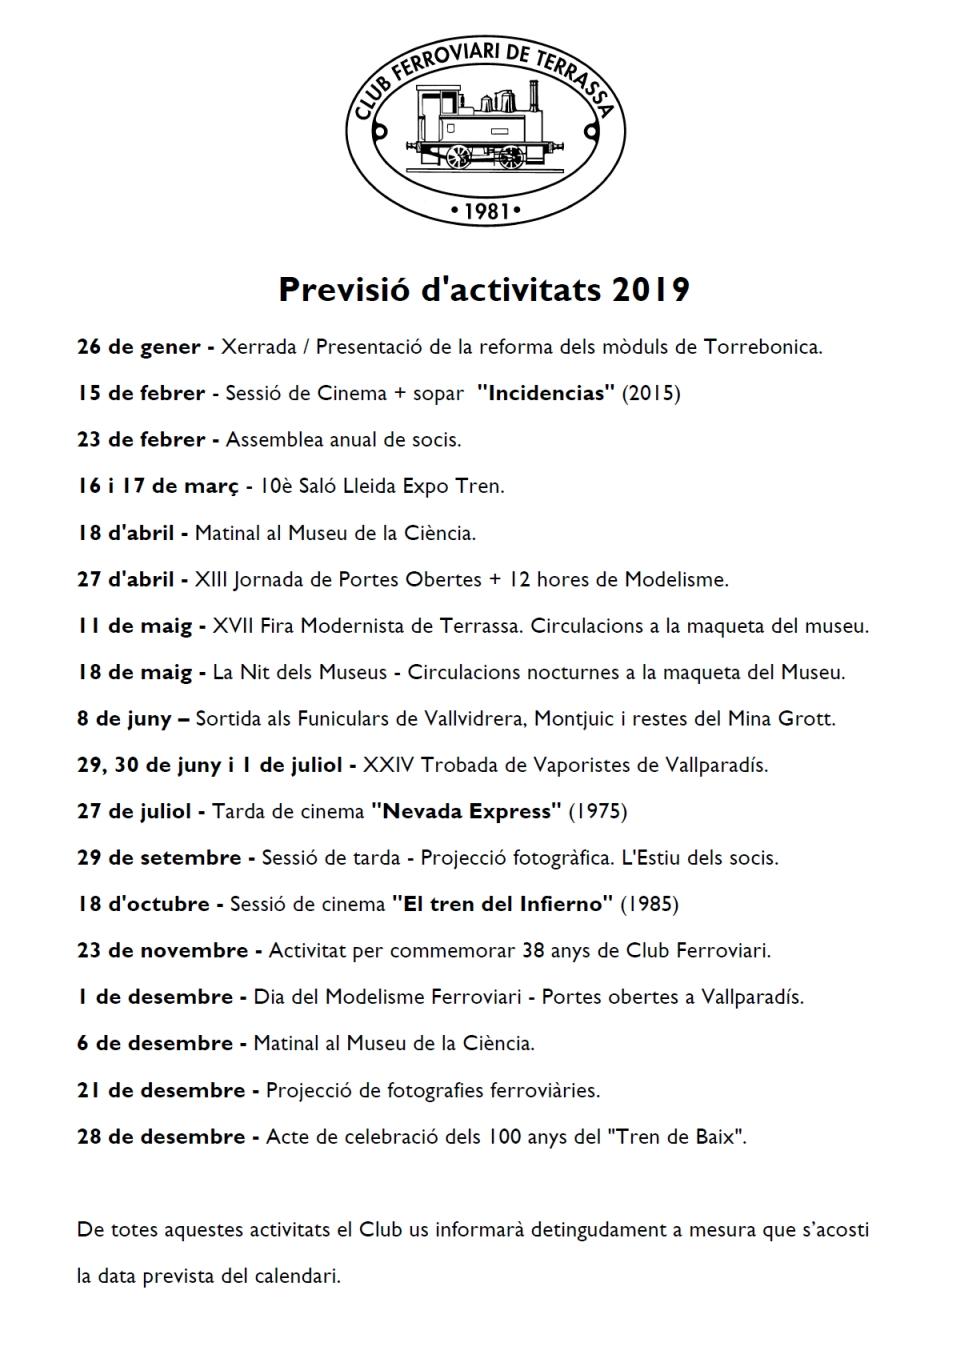 Previsió d'activitats pel 2019. Actualització del 2-MAIG-2019